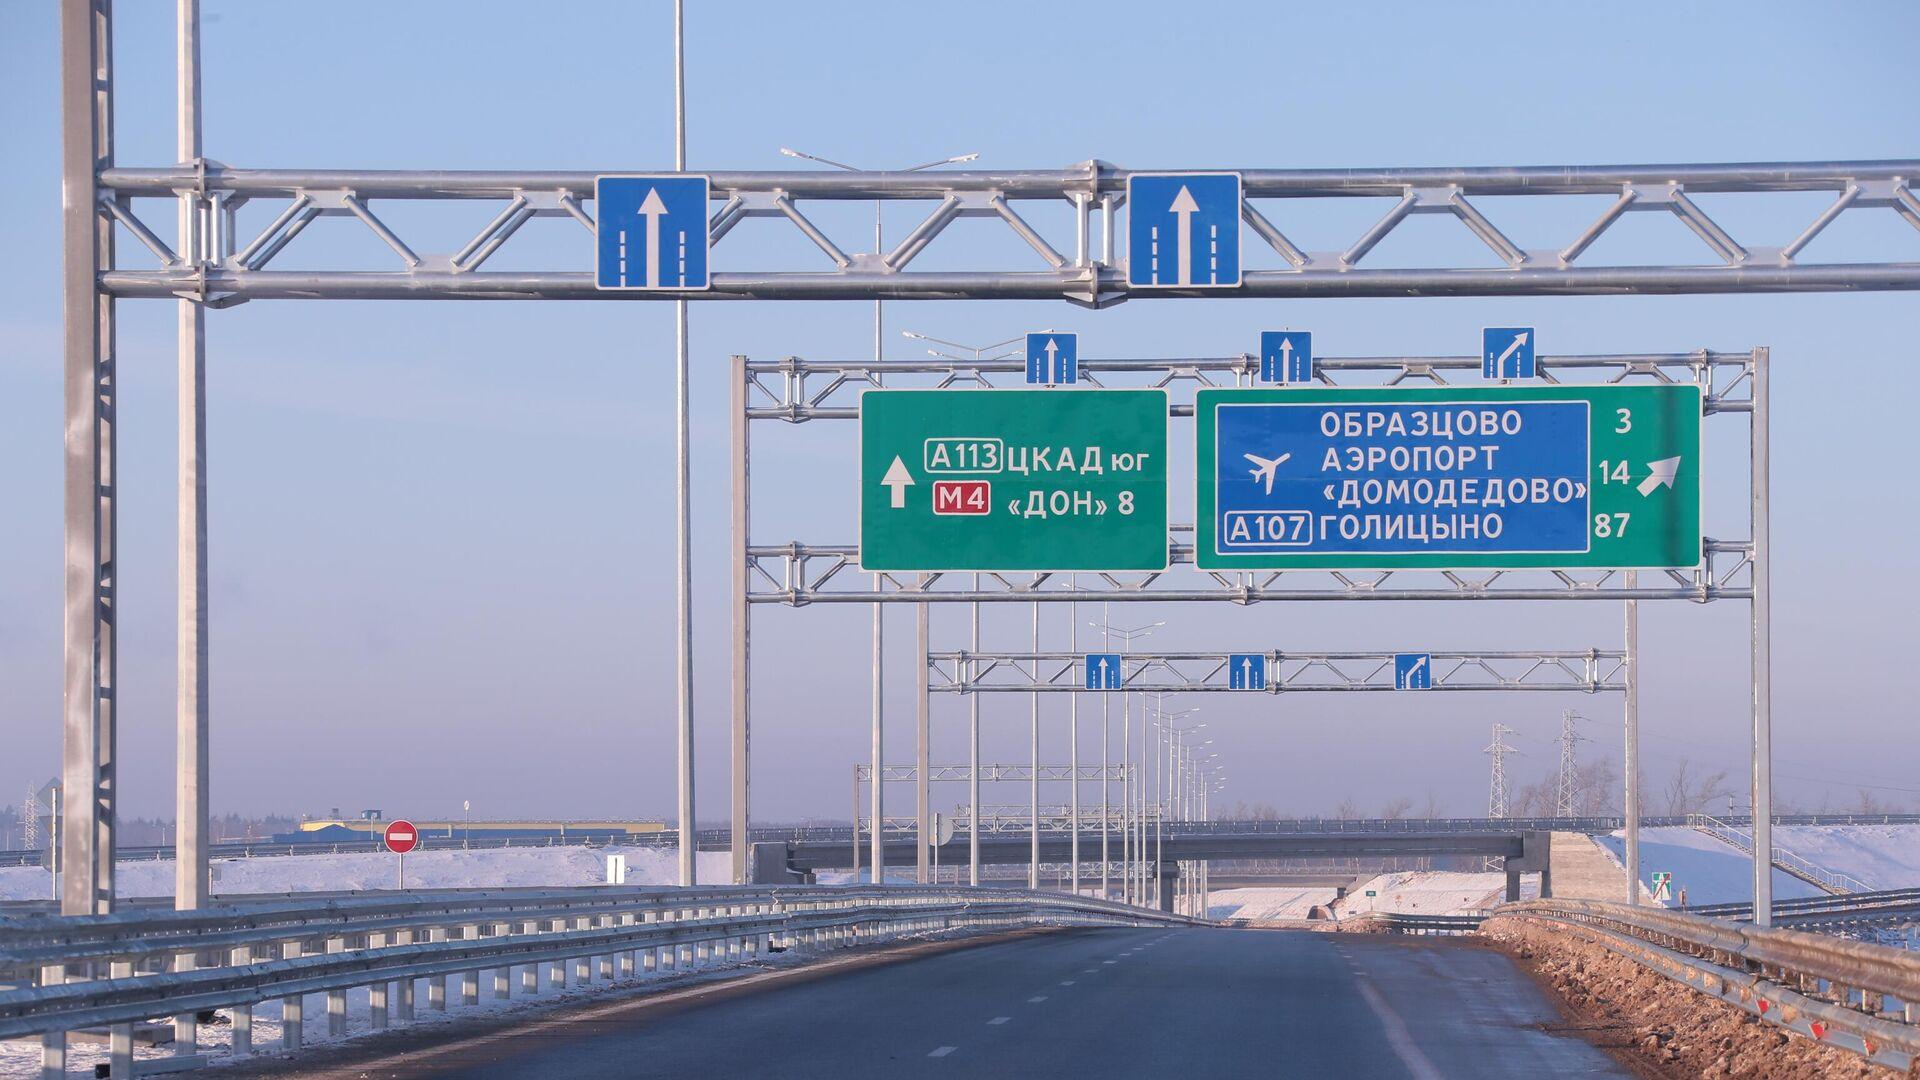 Открытие движения на участке четвертого пускового комплекса ЦКАД-4 - РИА Новости, 1920, 28.12.2020